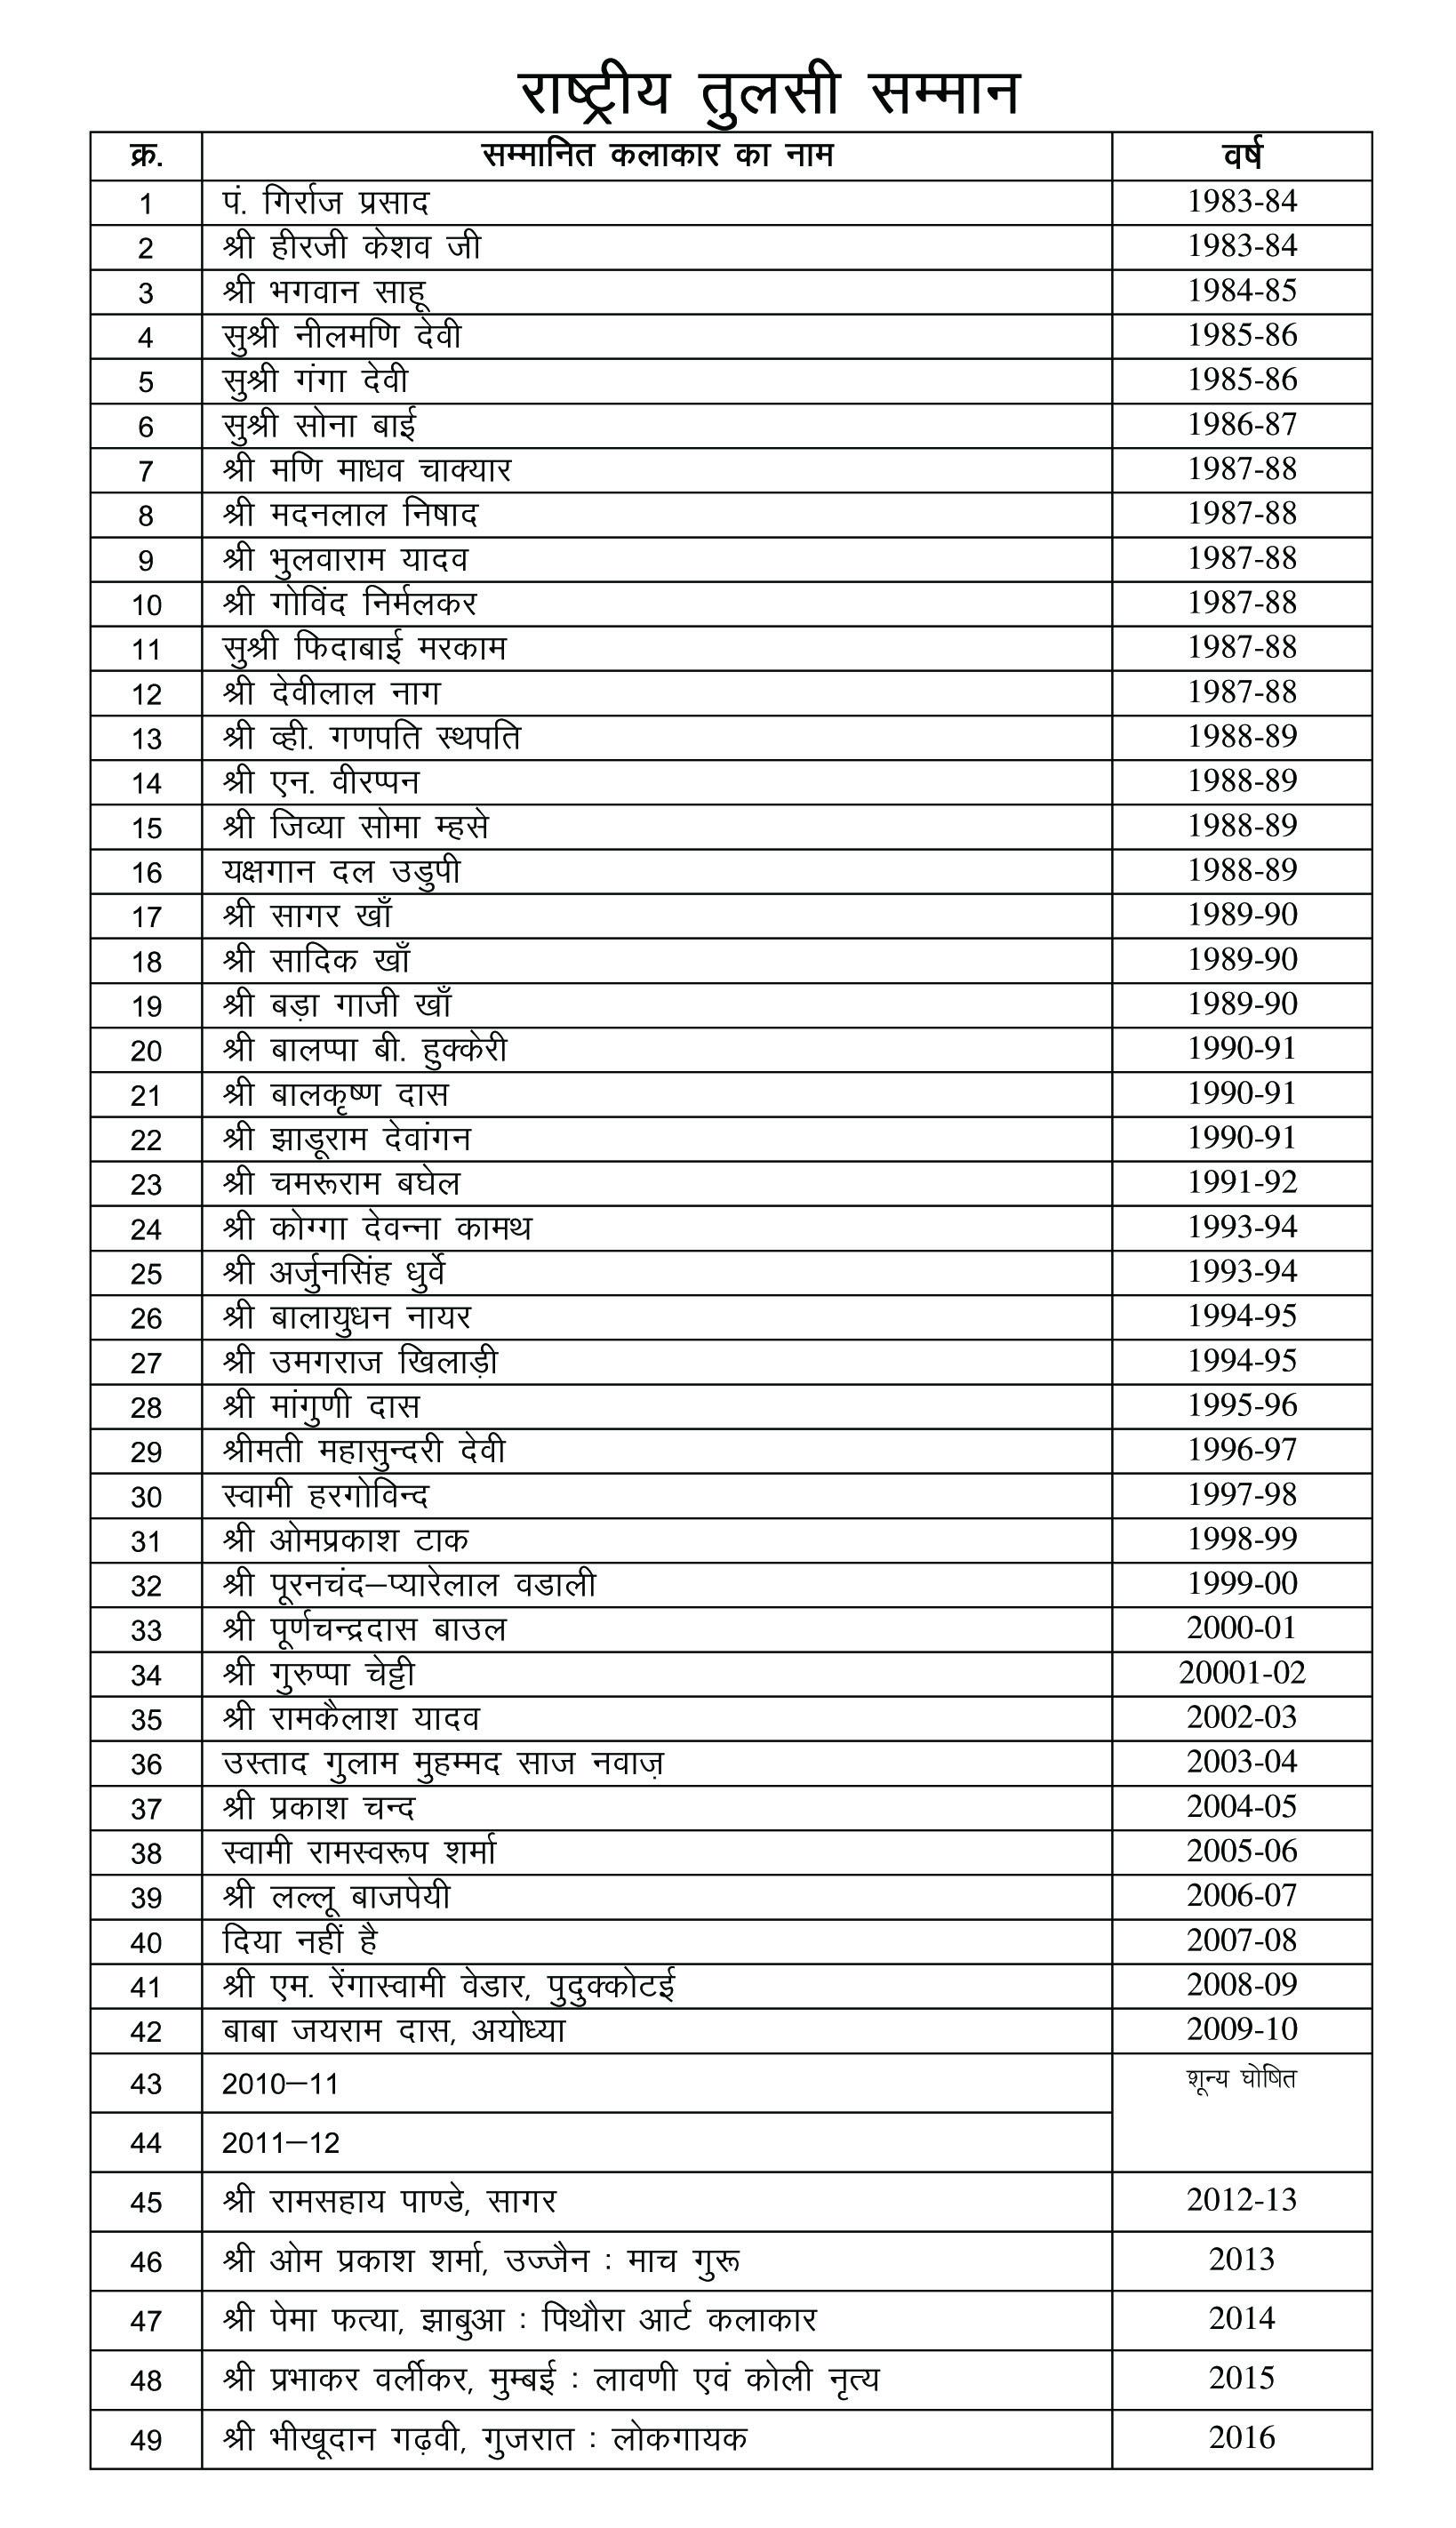 राष्ट्रीय तुलसी सम्मान Tulsi Samman